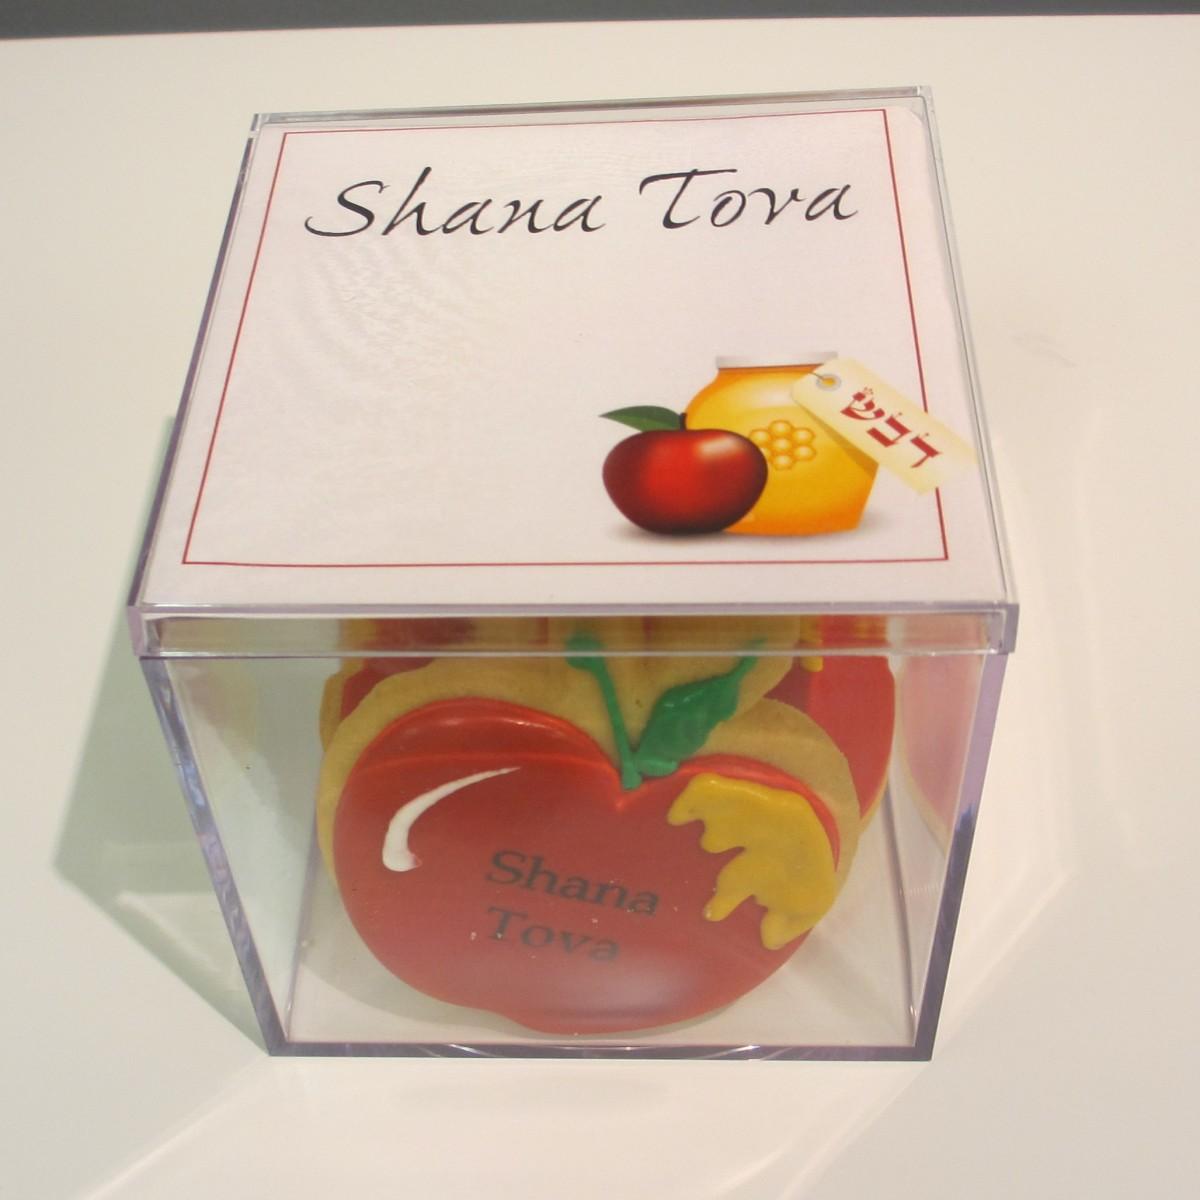 Shana Tova Gift